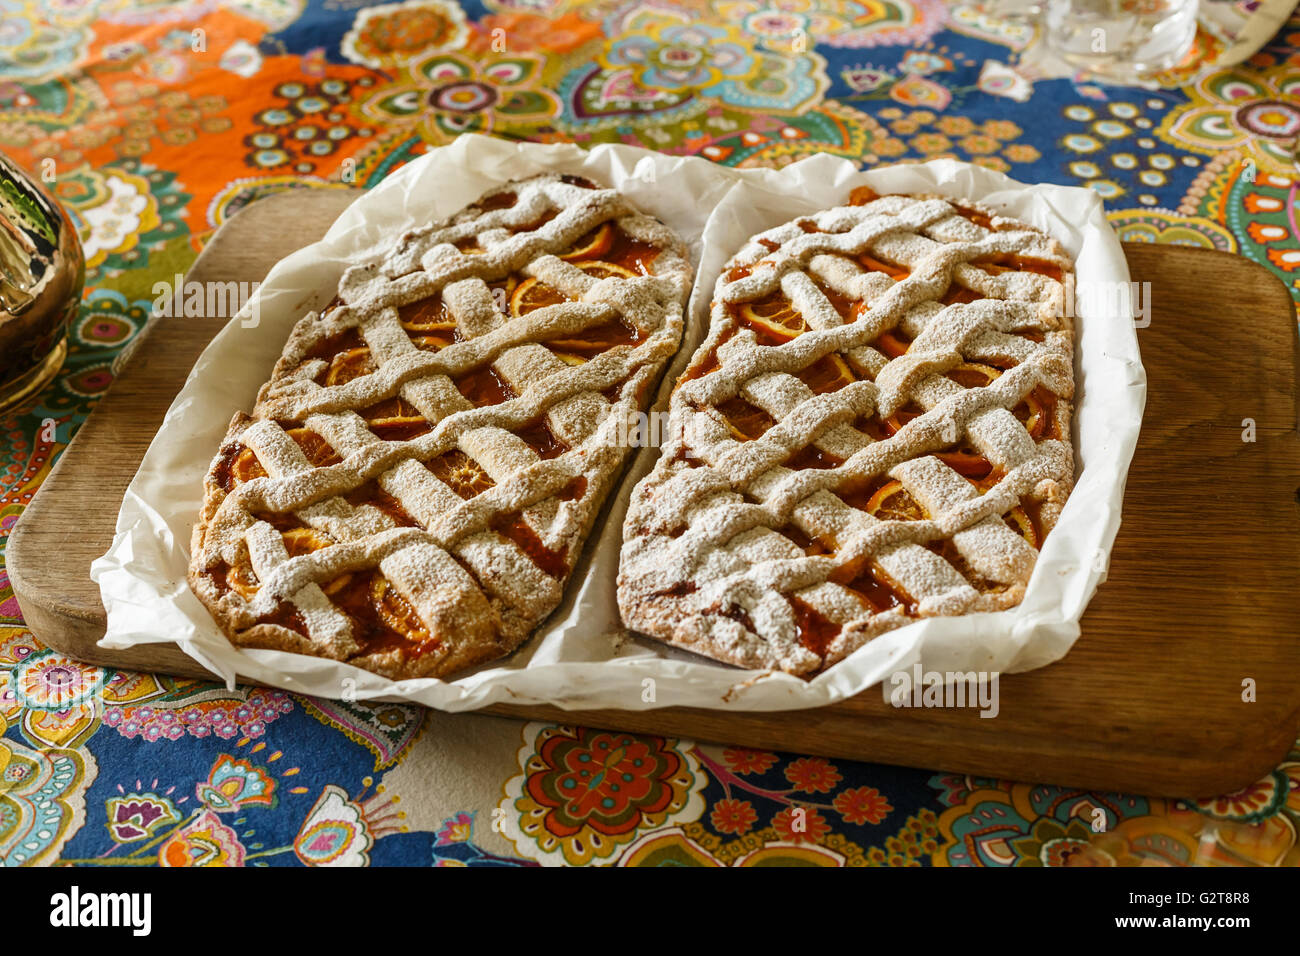 Two Gluten free orange tart - Stock Image